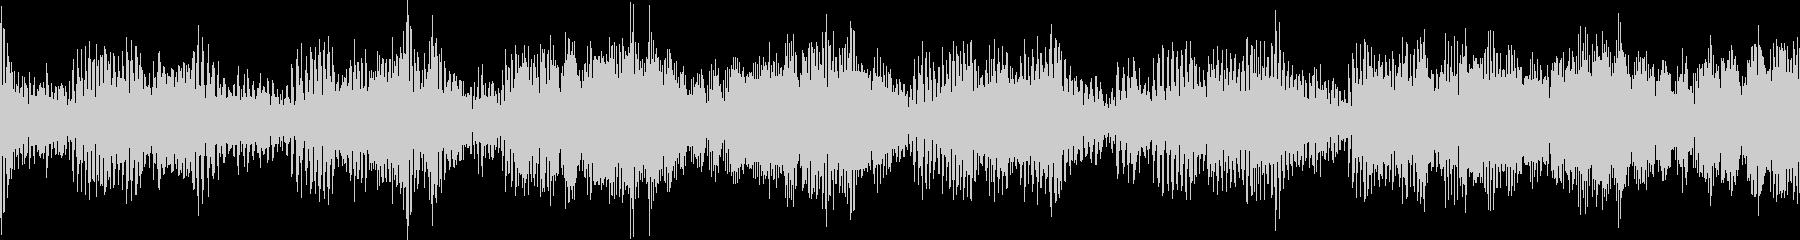 宇宙人の声の未再生の波形